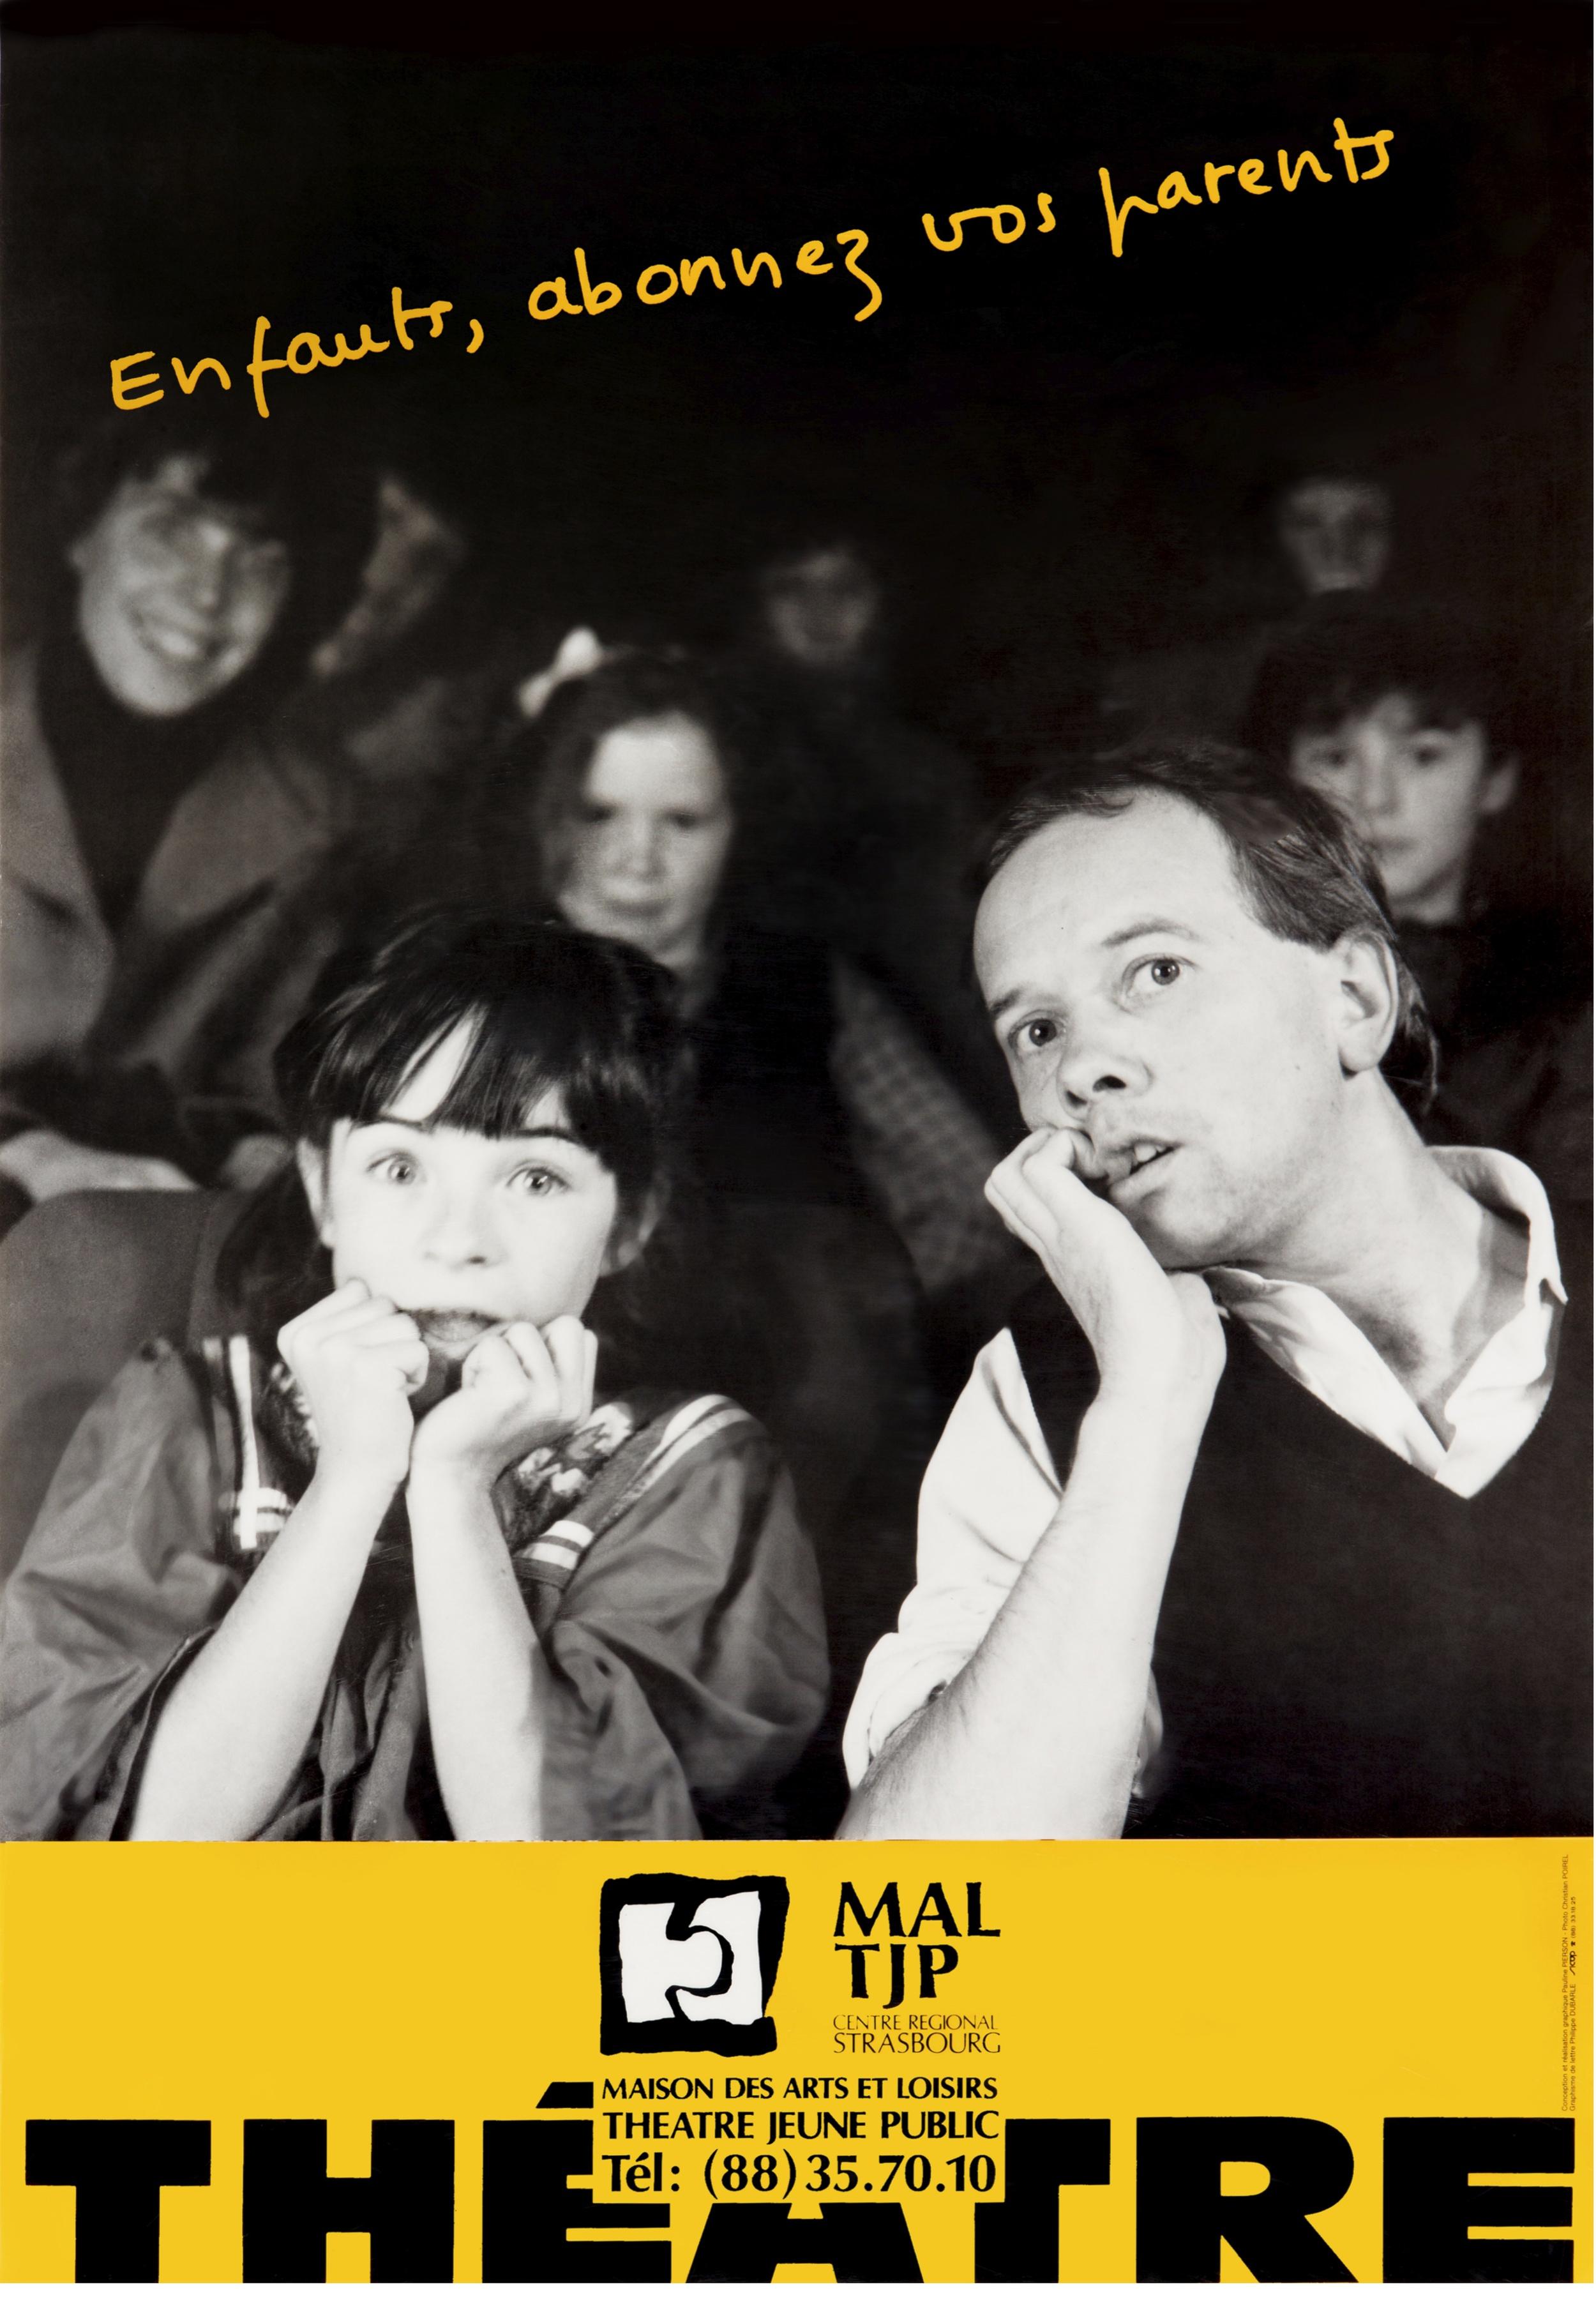 """Affiche """"Enfants, abonnez vos parents"""" (non datée). Graphistes : Pauline PIERSON et Philippe DURABLE. Photographe : Christian POIREL. 67x97 cm. Archives TJP."""